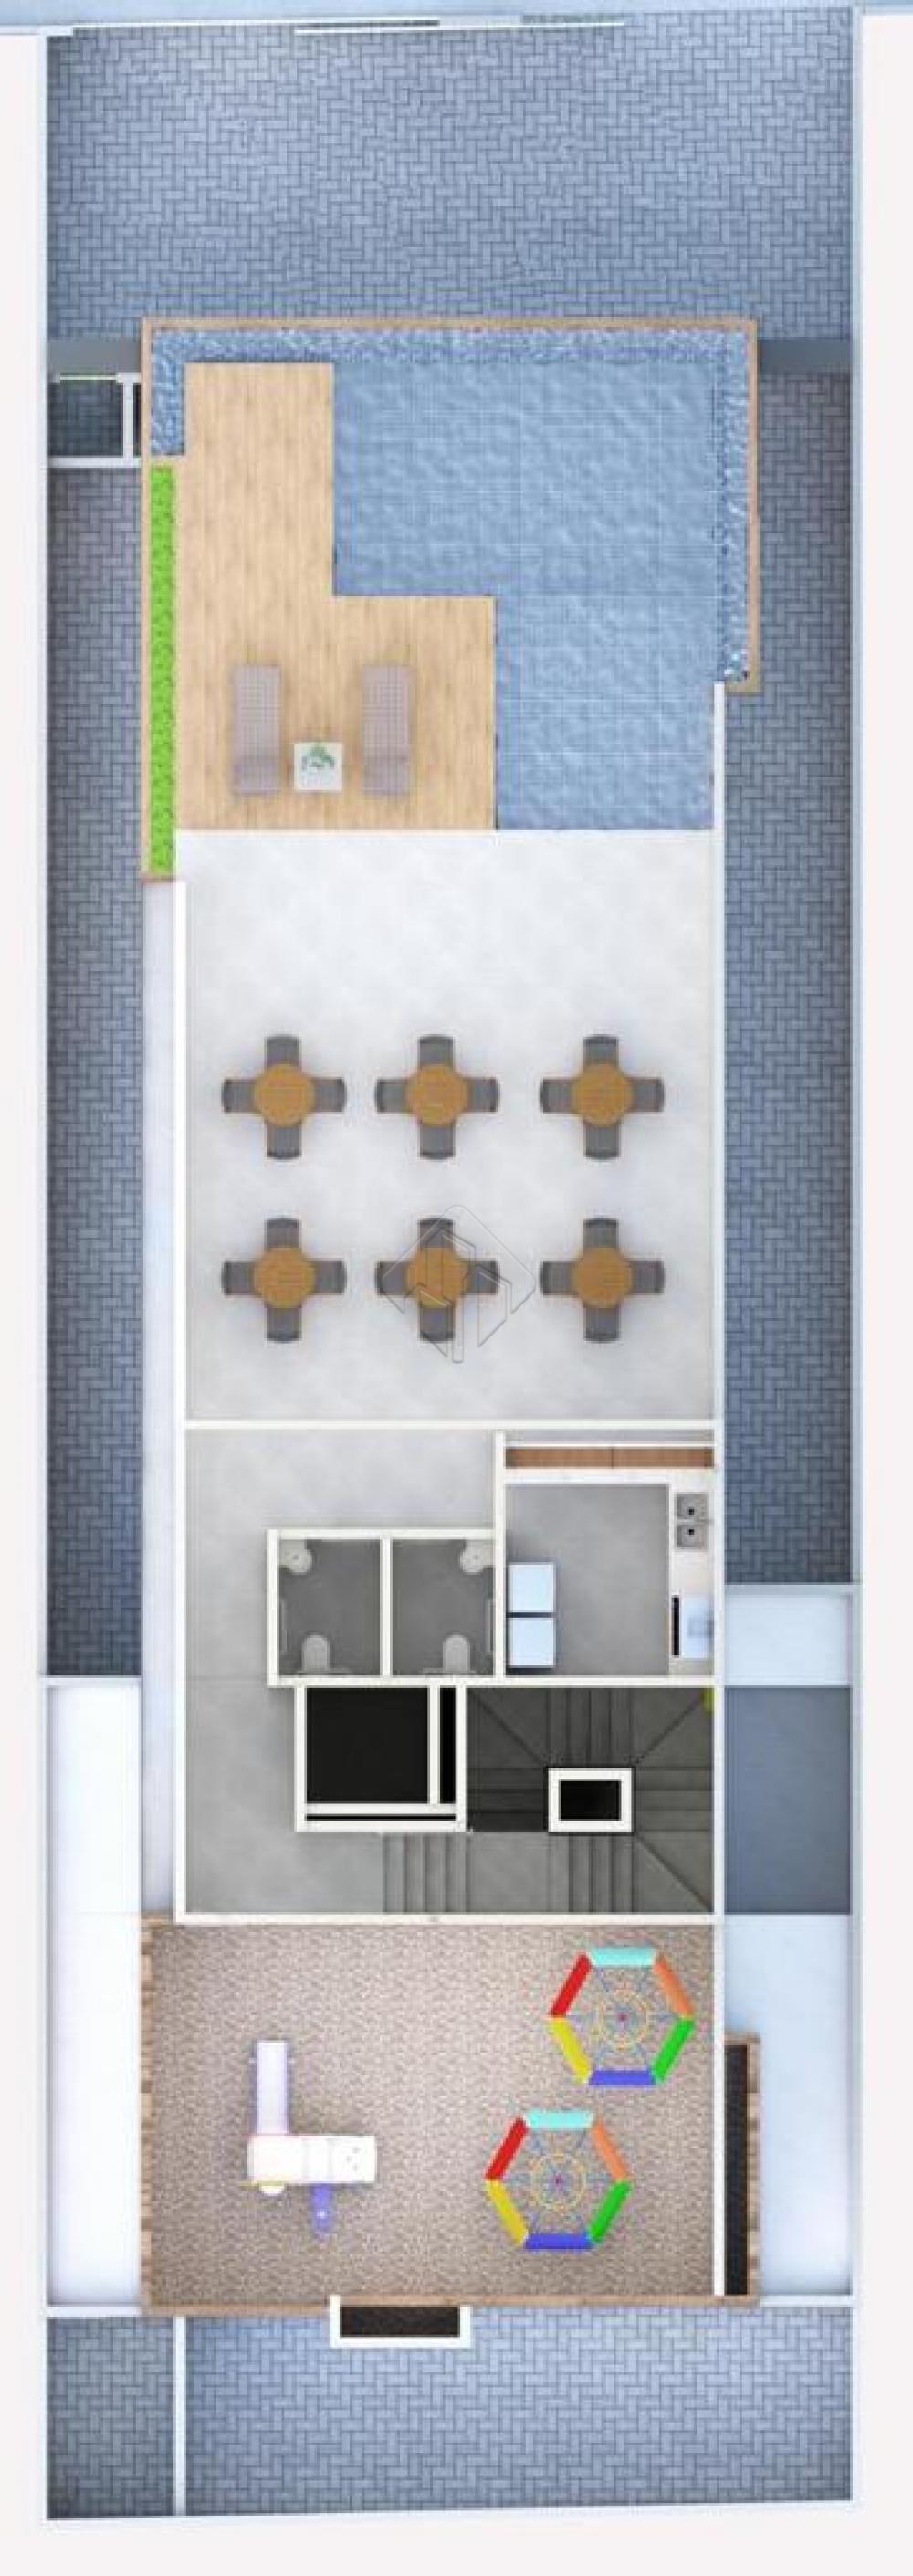 * Apartamento com 1 quarto * WC reversível * Sala de estar *Cozinha *Área de serviço *1 vaga de garagem *Excelente Área de Lazer com: Piscina, Kids e Salão Gourmet!  * A apenas 8 minutos do Shopping, 1 minutos da praia e 18 minutos para o centro da cidade  AGENDE AGORA SUA VISITA TEIXEIRA DE CARVALHO IMOBILIÁRIA CRECI 304J - (83) 2106-4545